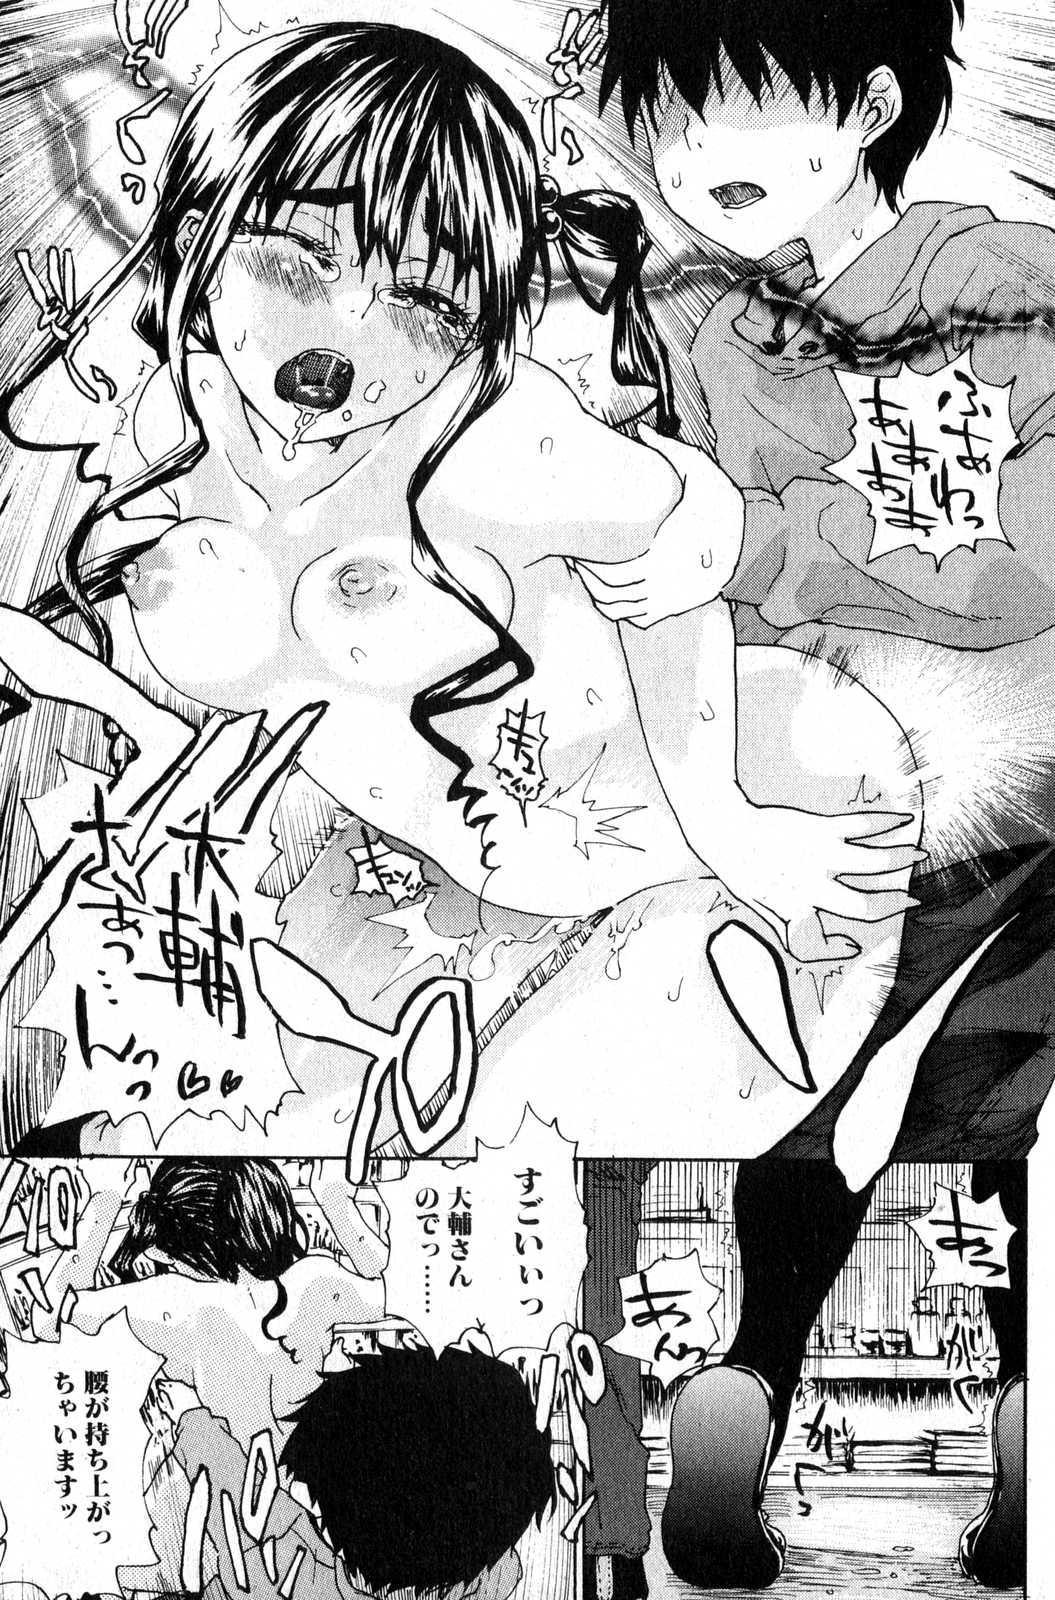 Bishoujo Teki Kaikatsu Ryoku 2007 Vol.15 148